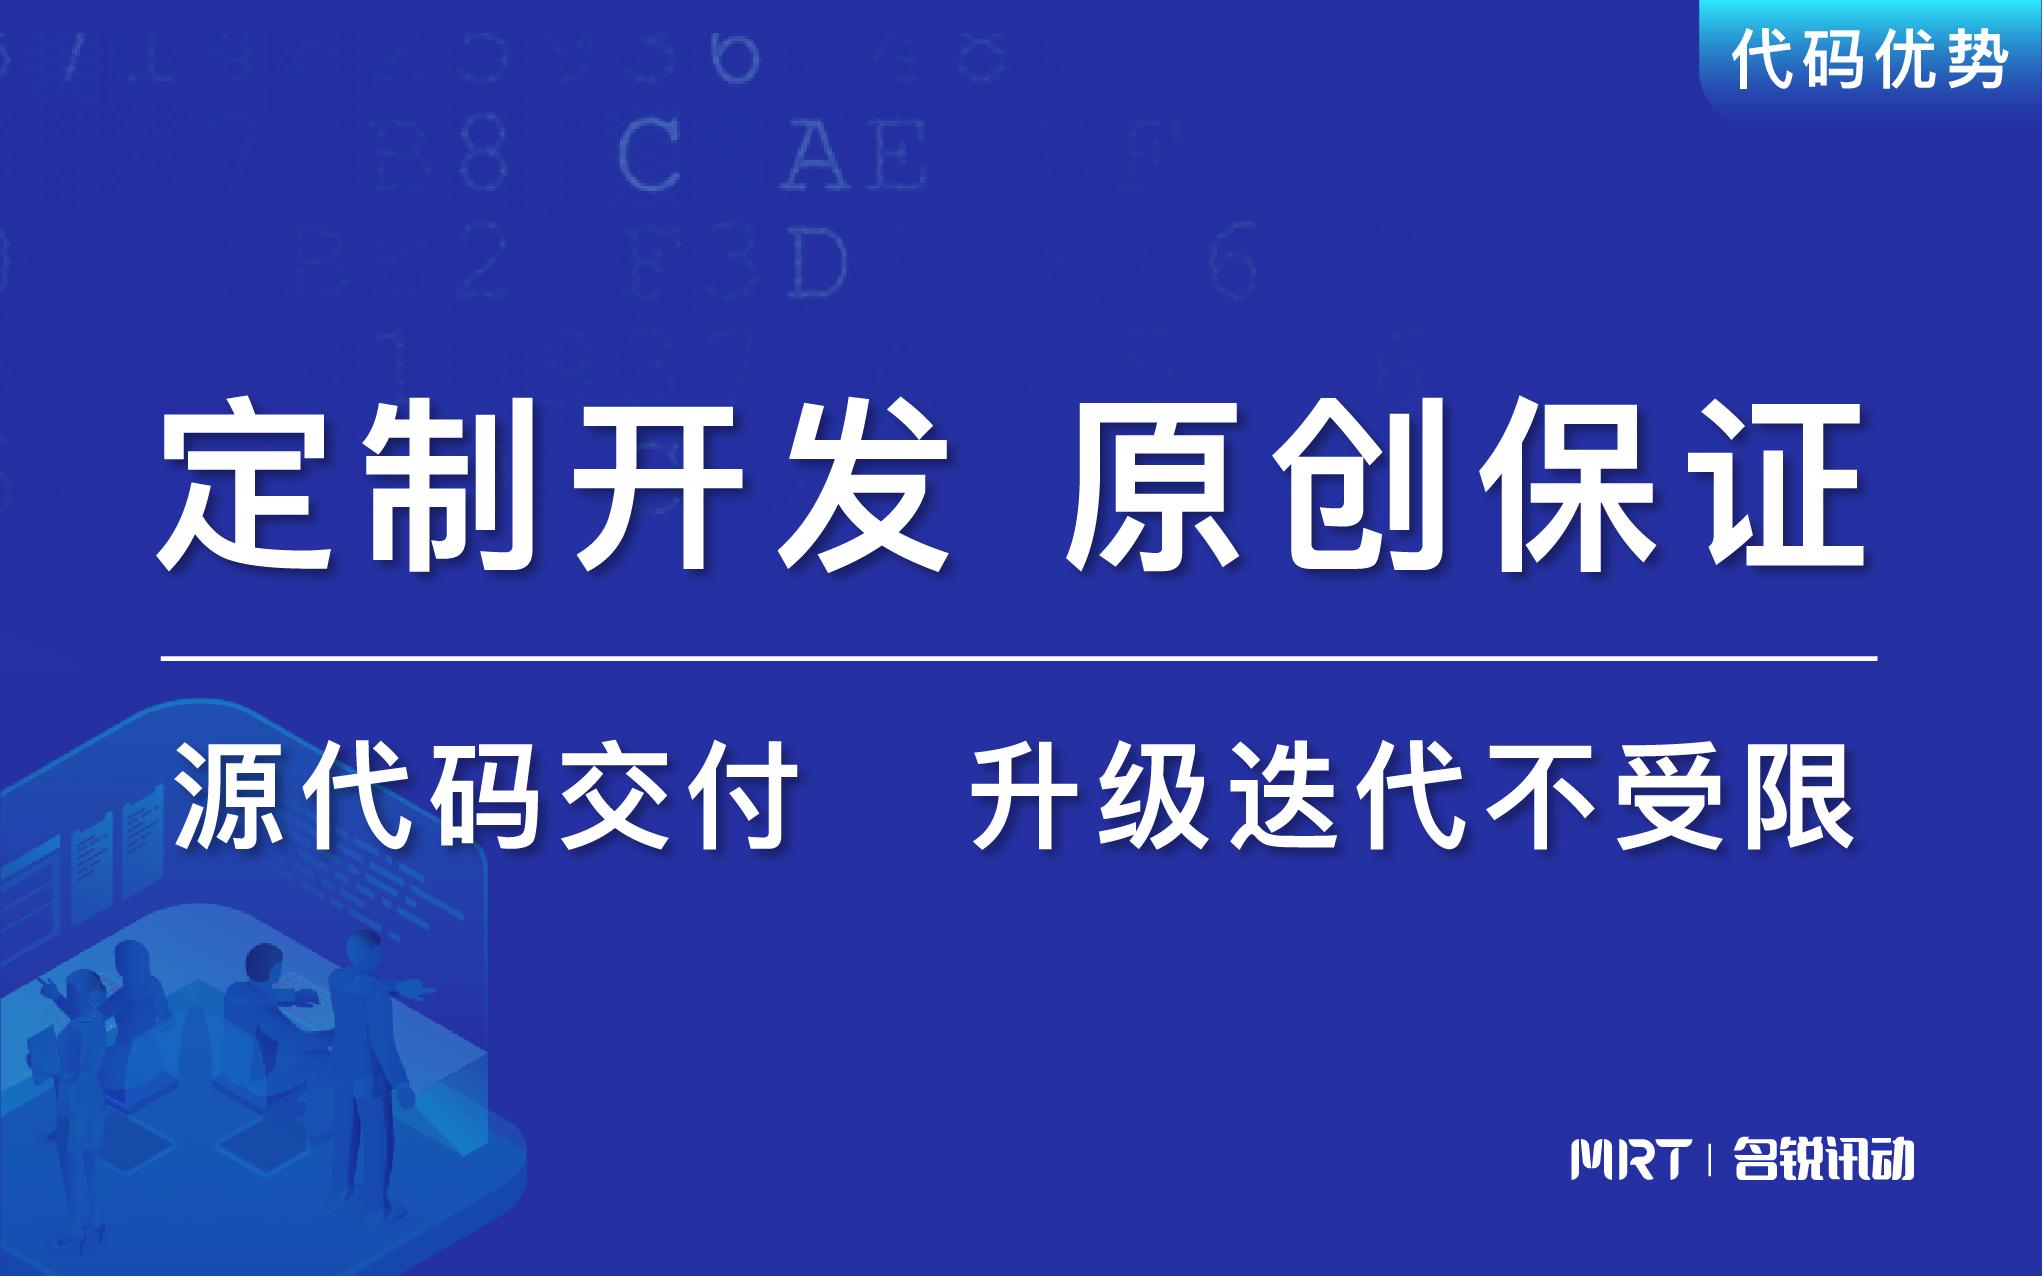 设计网站设计制作php开发直播平台网站制作软件源码网站源码